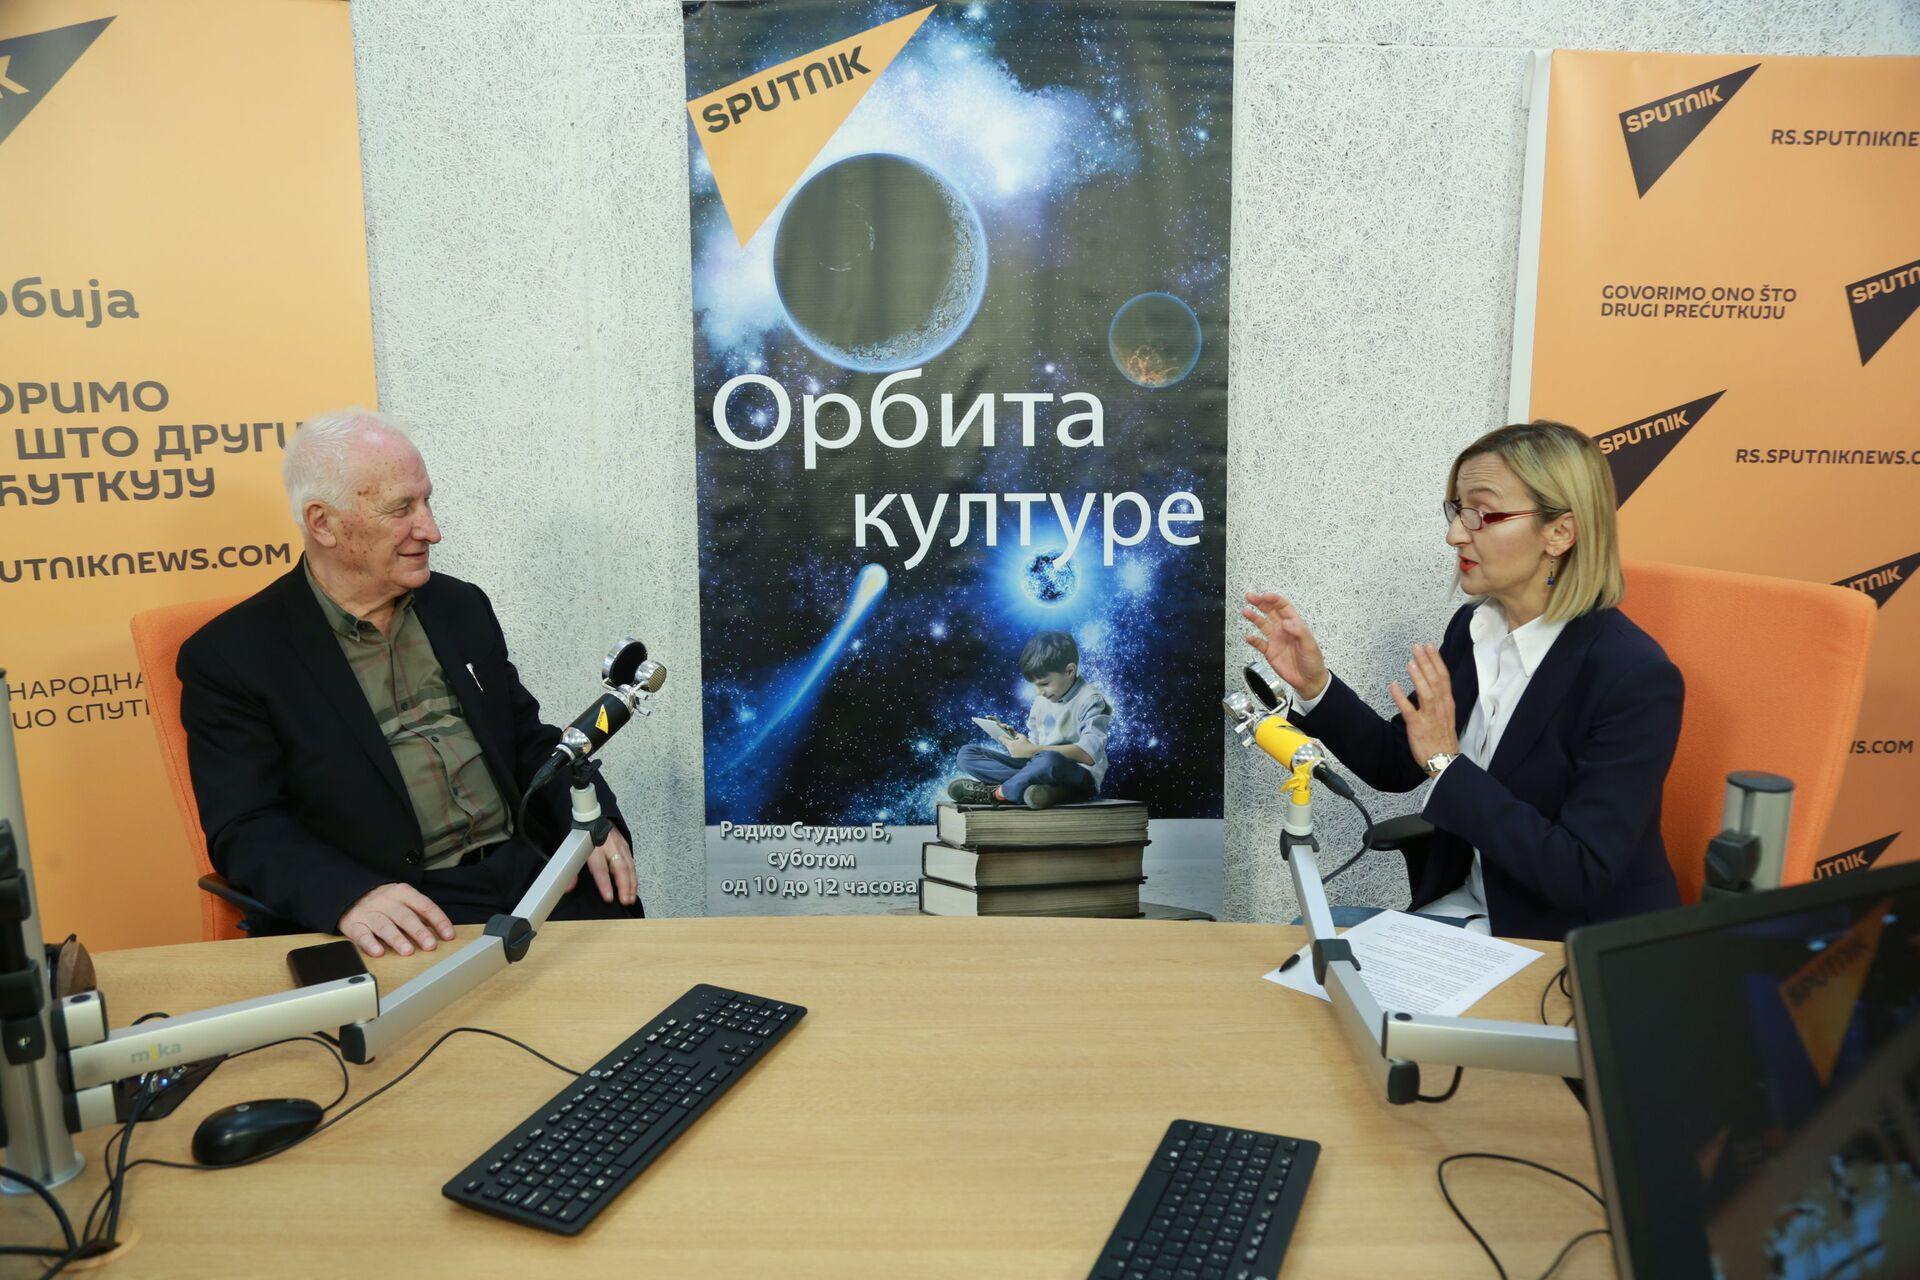 Шест година Спутњика: Говоримо оно што прећуткују и прећуткујемо оно што загађује - Sputnik Србија, 1920, 11.02.2021